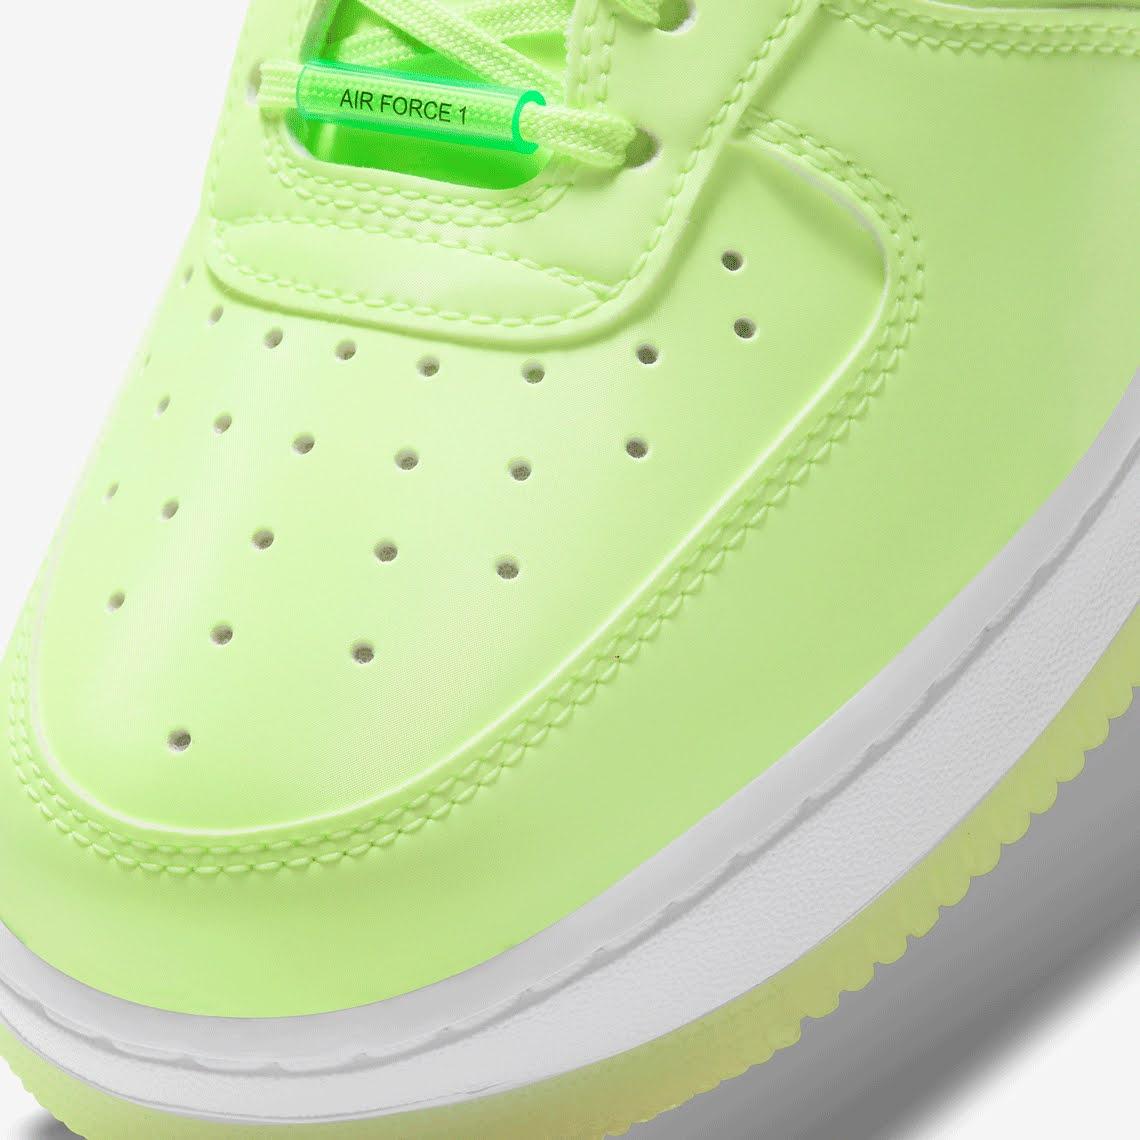 ナイキ エア フォース 1 ハブ ア ナイキ デー グロー イン ザ ダーク グリーン Nike-Air-Force-1-glow-in-the-dark-have-a-nike-day-CT3228-701 toe